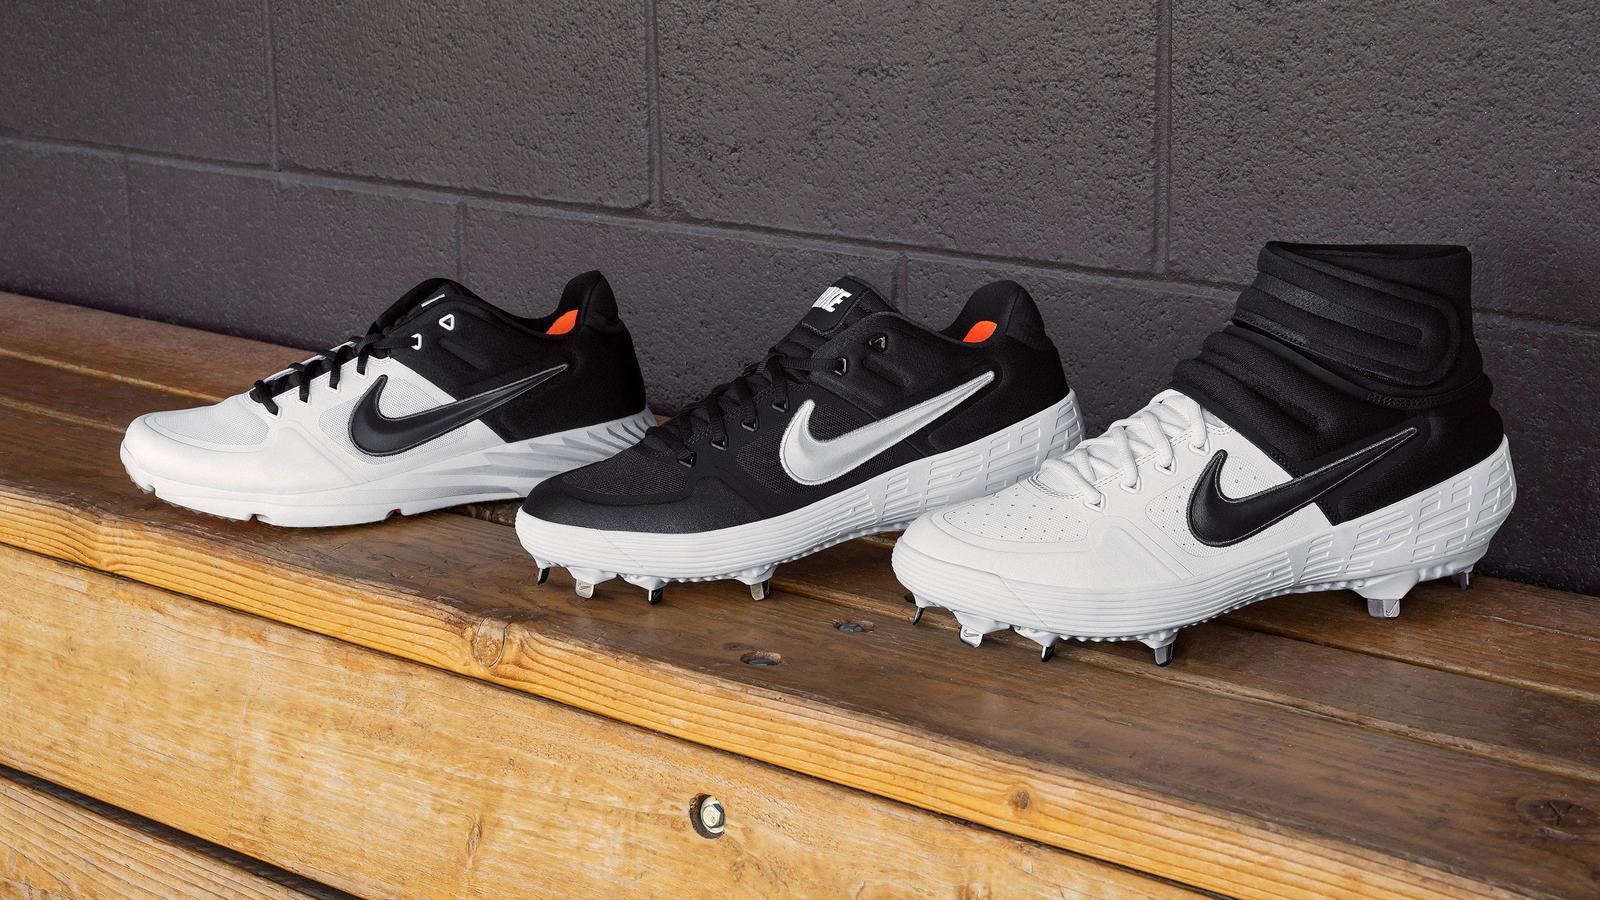 222afd0f4bd4d Nike Vapor Untouchable Pro 3 Obj Uptempo Cleat Nike News